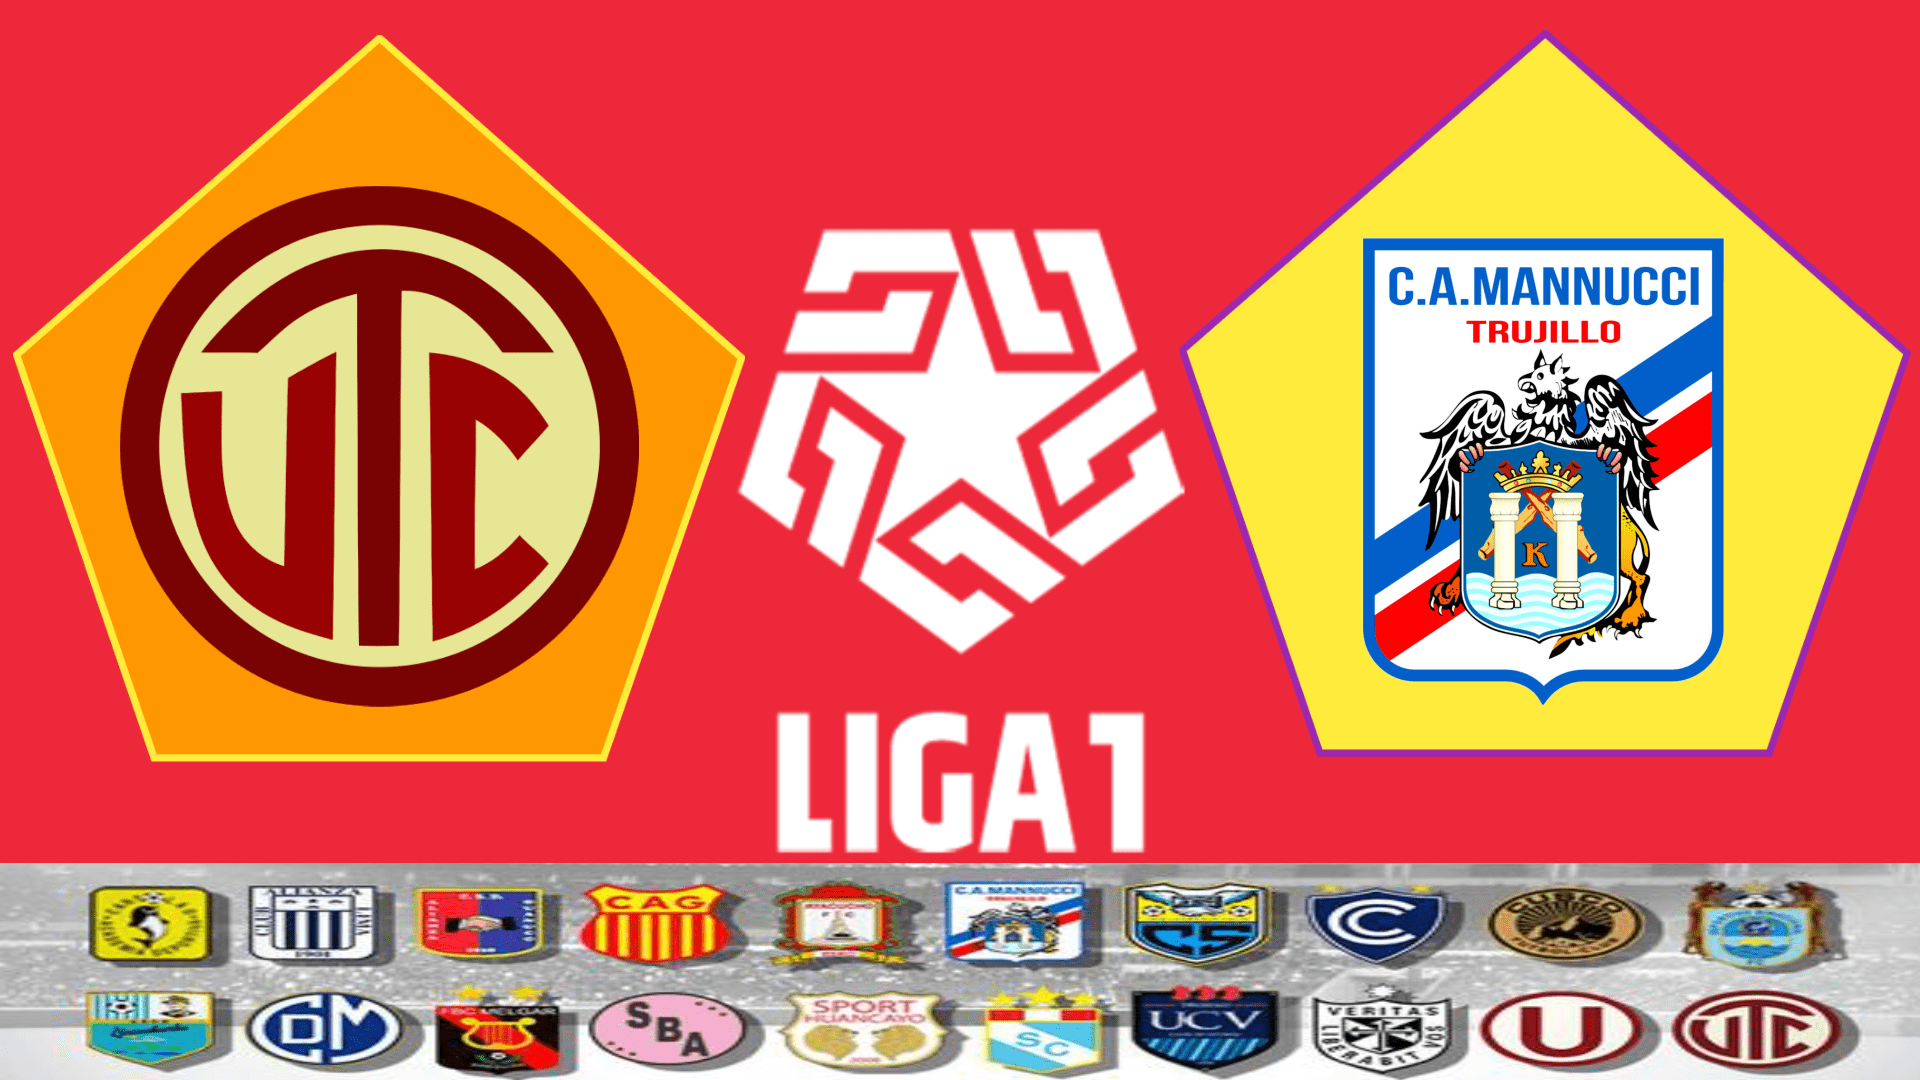 EN CORTO UTC Cajamarca VS Carlos Manucci EN DIRECTO GRATIS